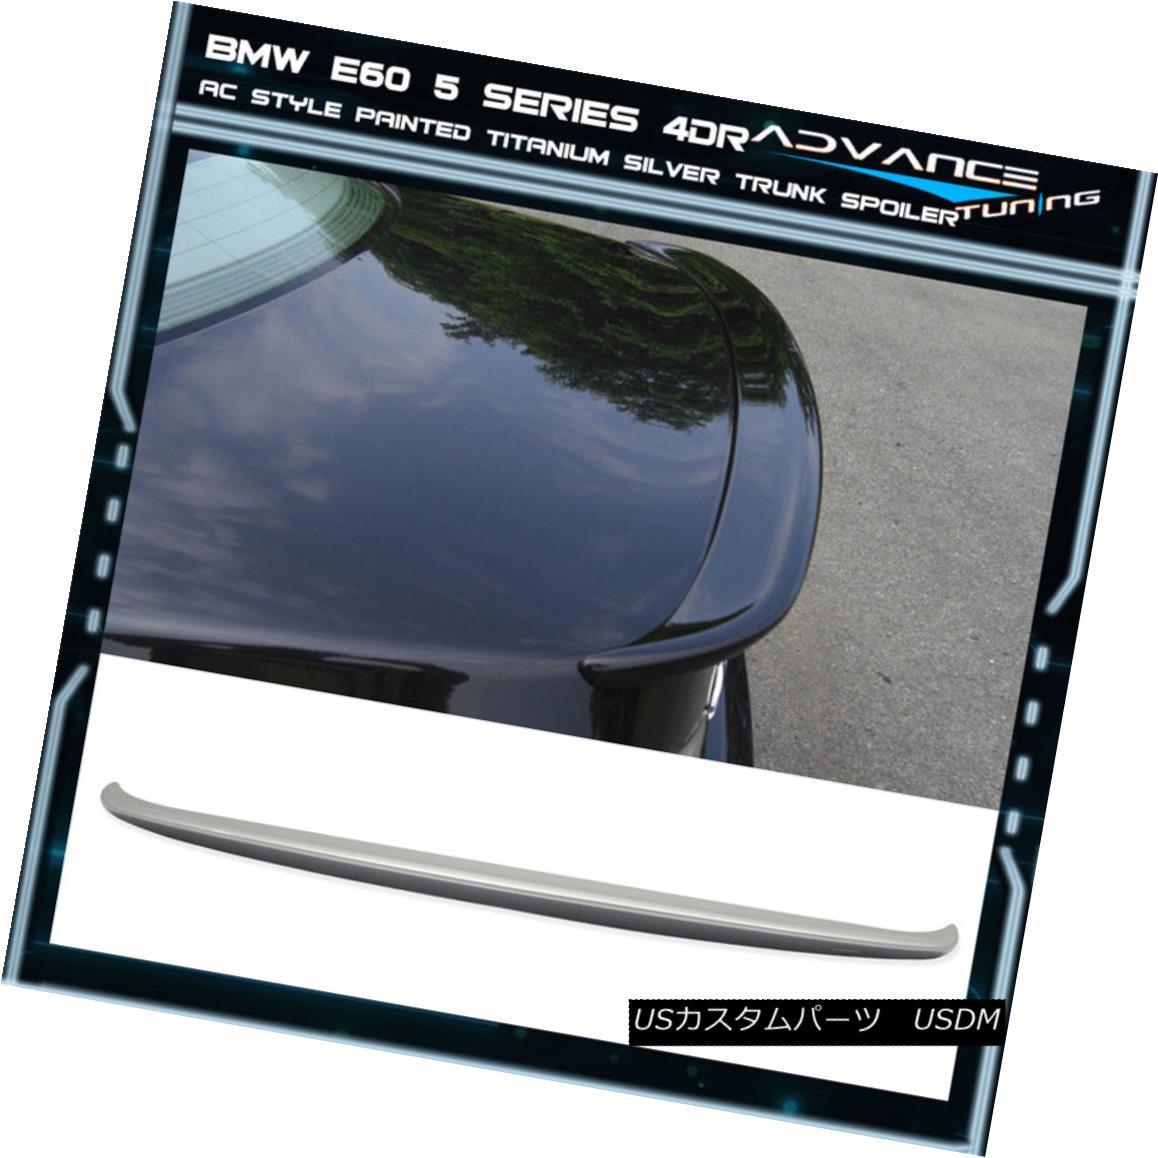 エアロパーツ 04-10 5 Series E60 4Dr AC Trunk Spoiler OEM Painted Color # 354 Titanium Silver 04-10 5シリーズE60 4Dr ACトランク・スポイラーOEM塗装カラー#354チタン・シルバー